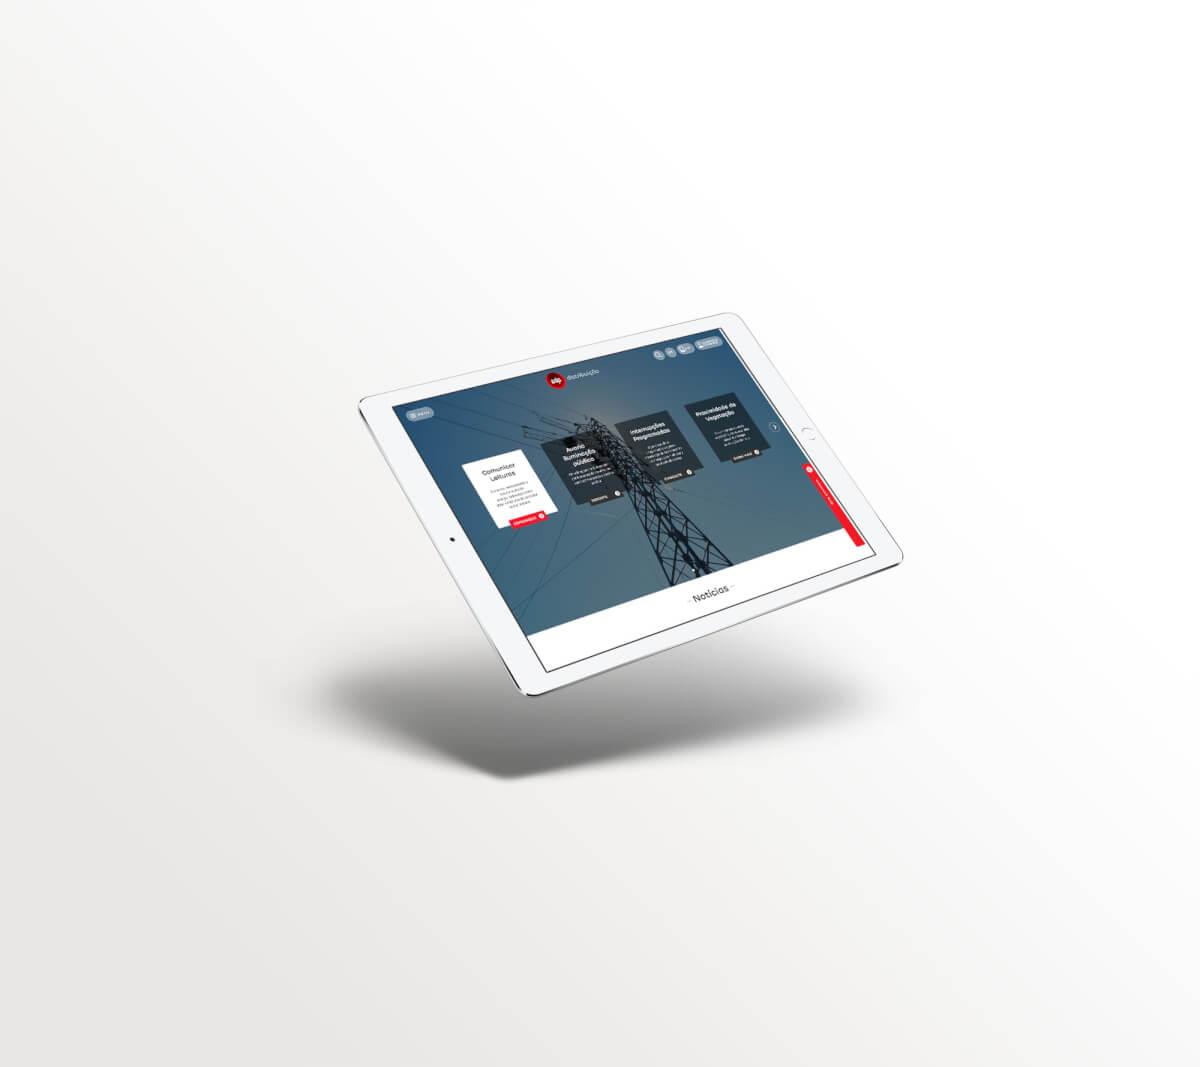 Consultoria para desenvolvimento d enovo site EDP Distribuição pela Mind Forward, agência de marketing digital